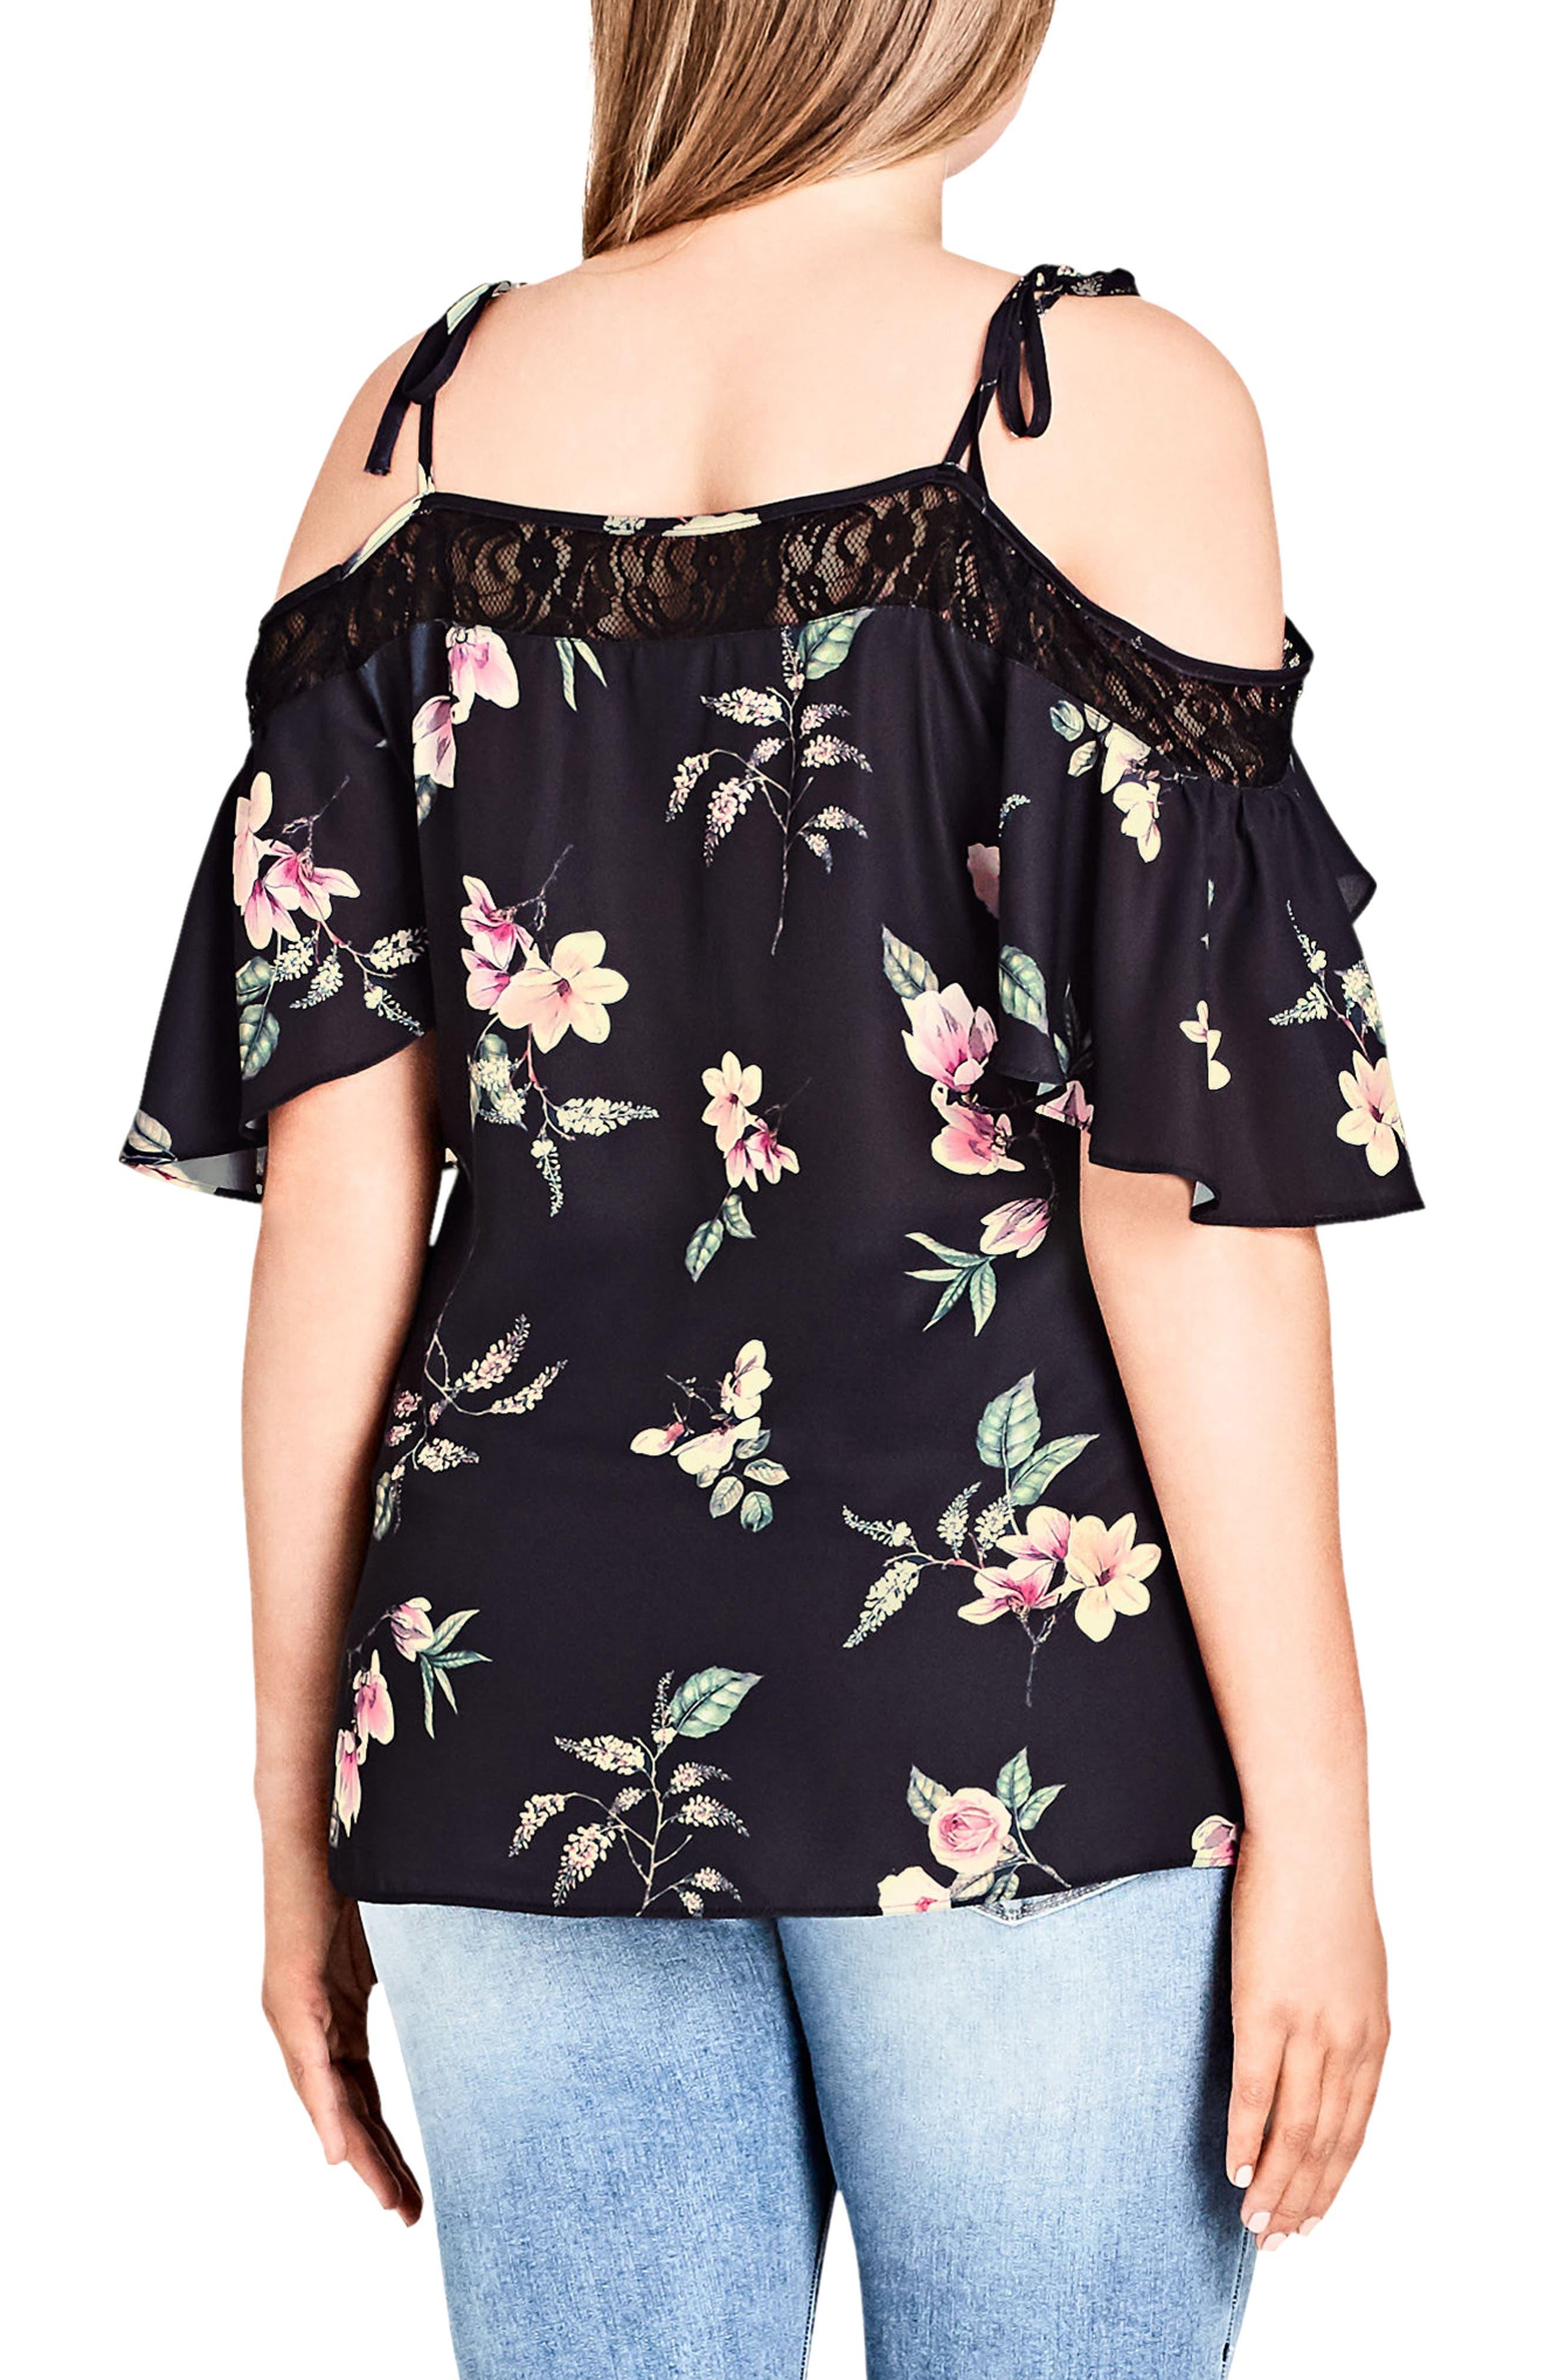 Lace Trim Floral Off the Shoulder Top,                             Alternate thumbnail 2, color,                             Captive Floral